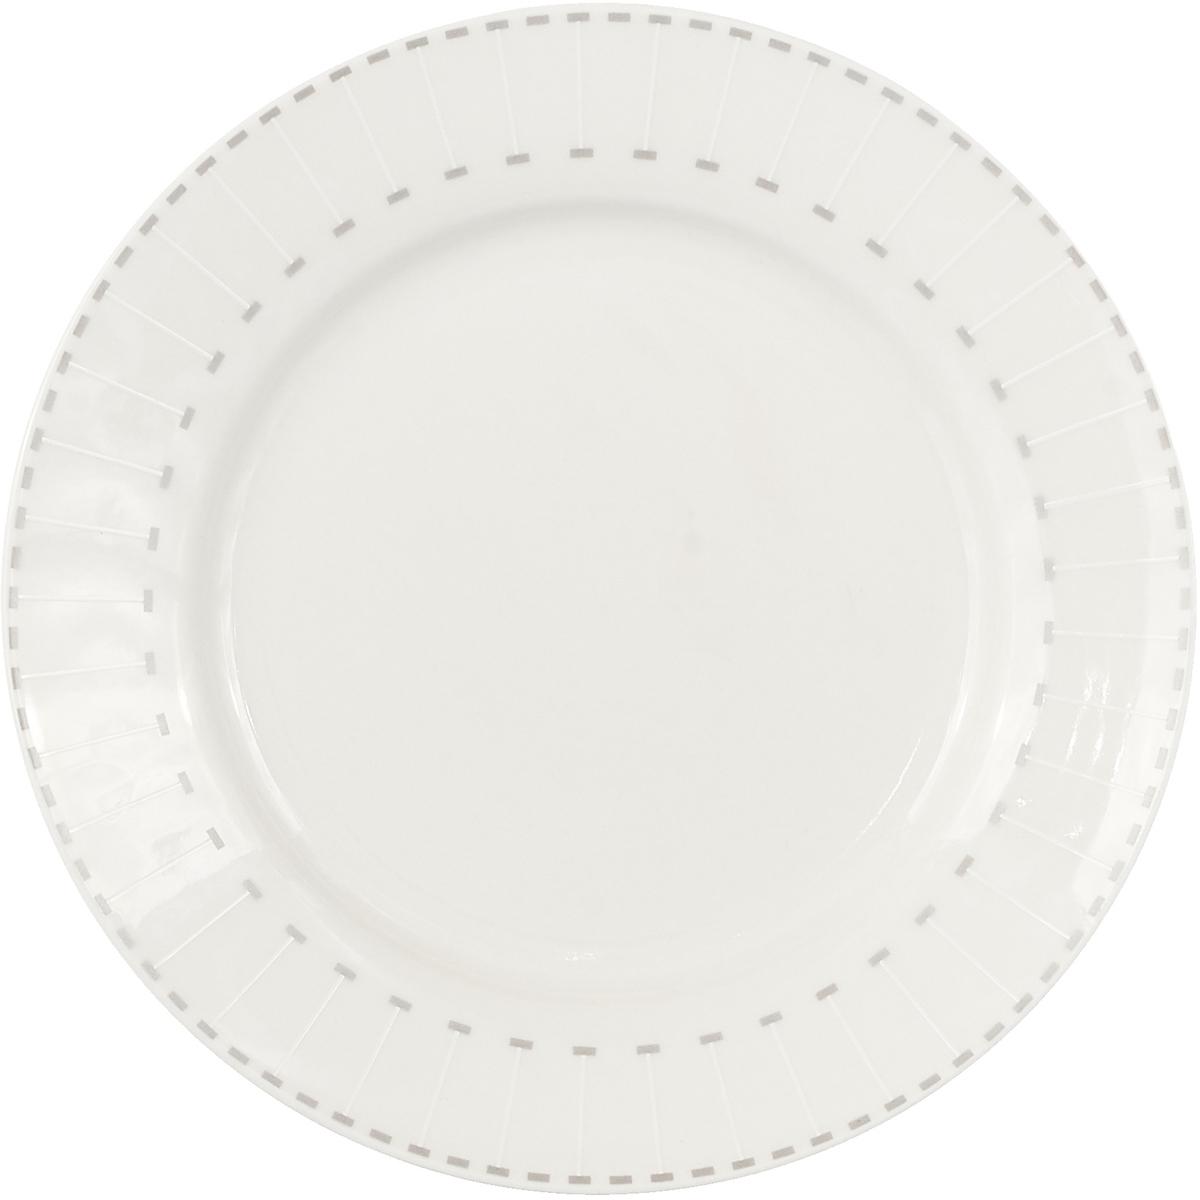 """Коллекция """"Лайн"""" от Miolla представляет собой традиционную классику, выполненную в нежных цветовых решениях и изысканном дизайне. Коллекция включает в себя классическую линейку: тарелка обеденная 27 см, суповая тарелка 22 см, десертная тарелка 19 см.Также представлены наборы: из 4х блюд 36 см, 30,5 см, набор салатников 23 см, 16 см, обеденных тарелок 27 см.Подходит для использования в микроволновой печи, можно мыть в посудомоечной машине.Подходит для любых событий и торжеств.Подходит для использования посудомоечной машине и СВЧ печи. Не использовать на открытом огне."""